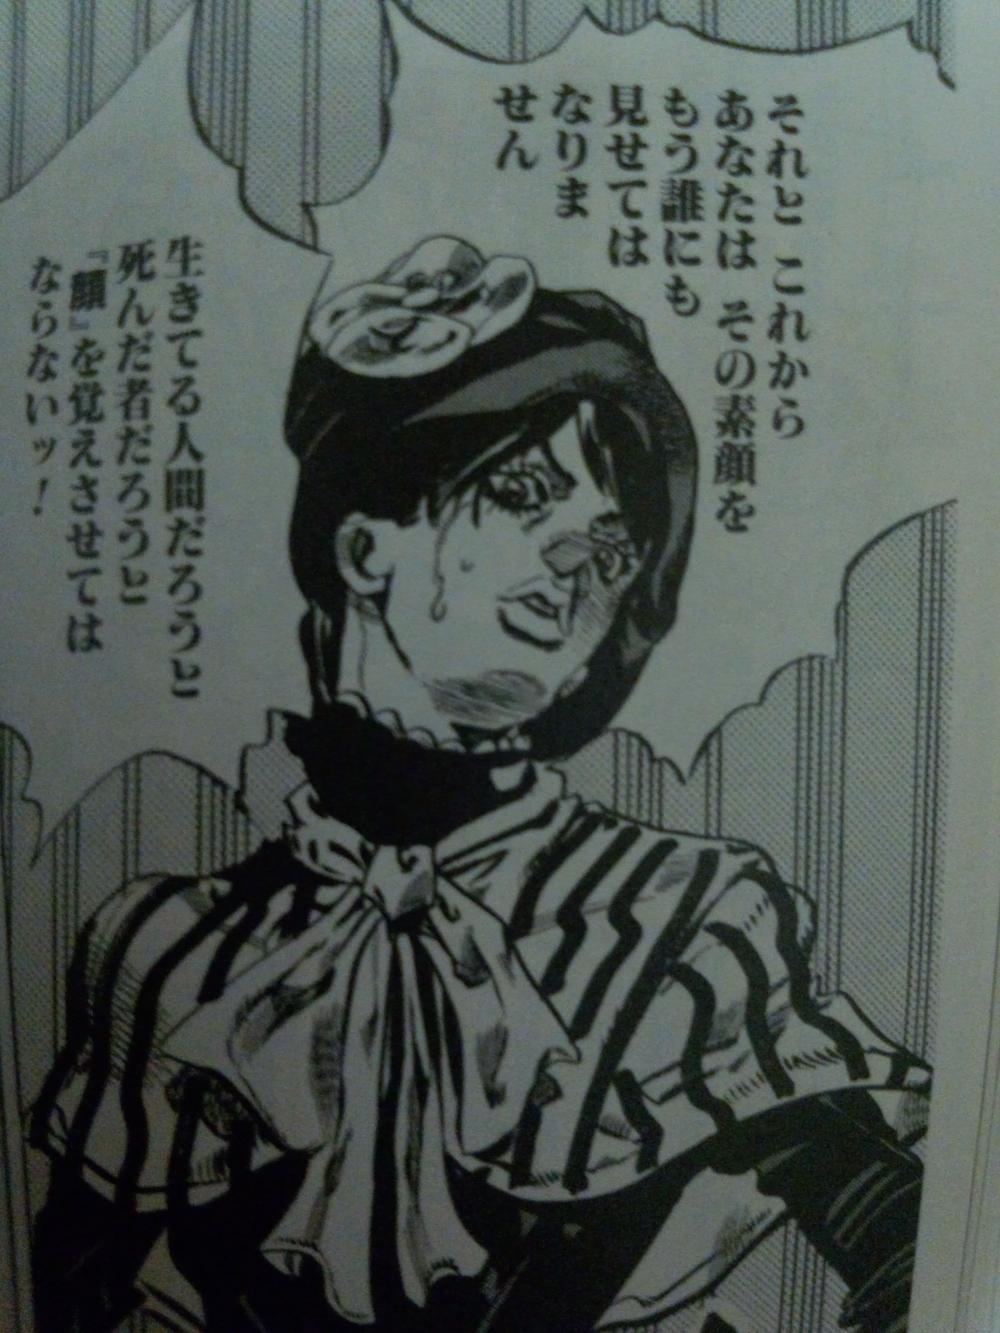 繧ヲ繧」繝ウ繝√ぉ繧ケ繧ソ繝シ_convert_20120526204433